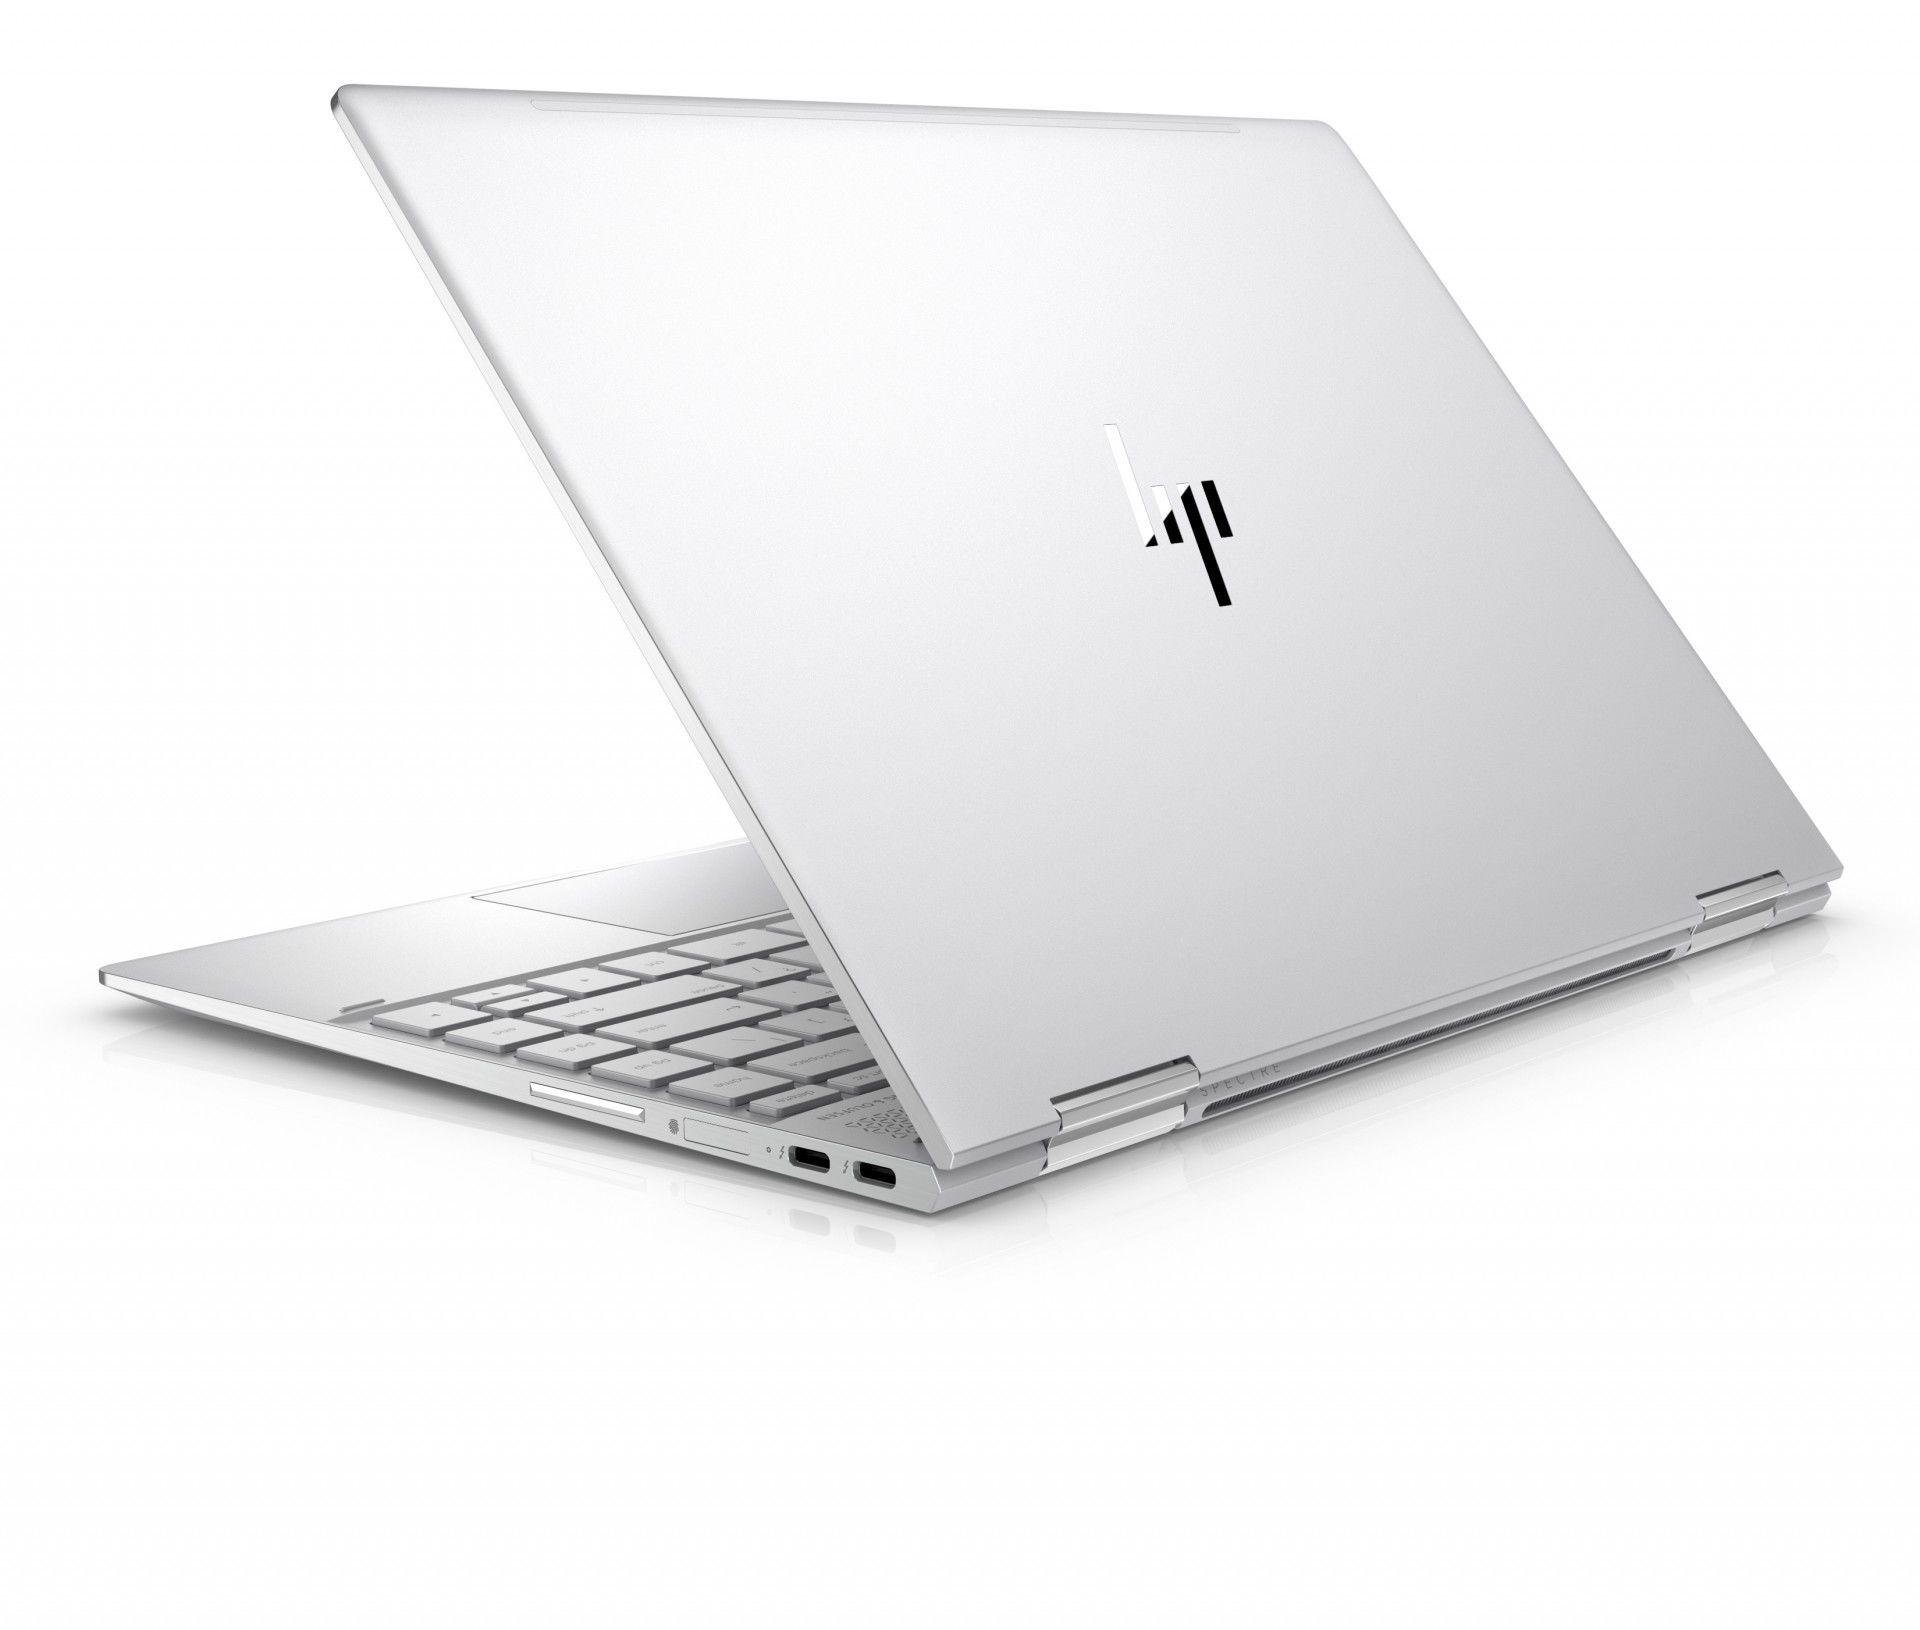 HP Spectre x360 13-ae003nw 3DM93EAR